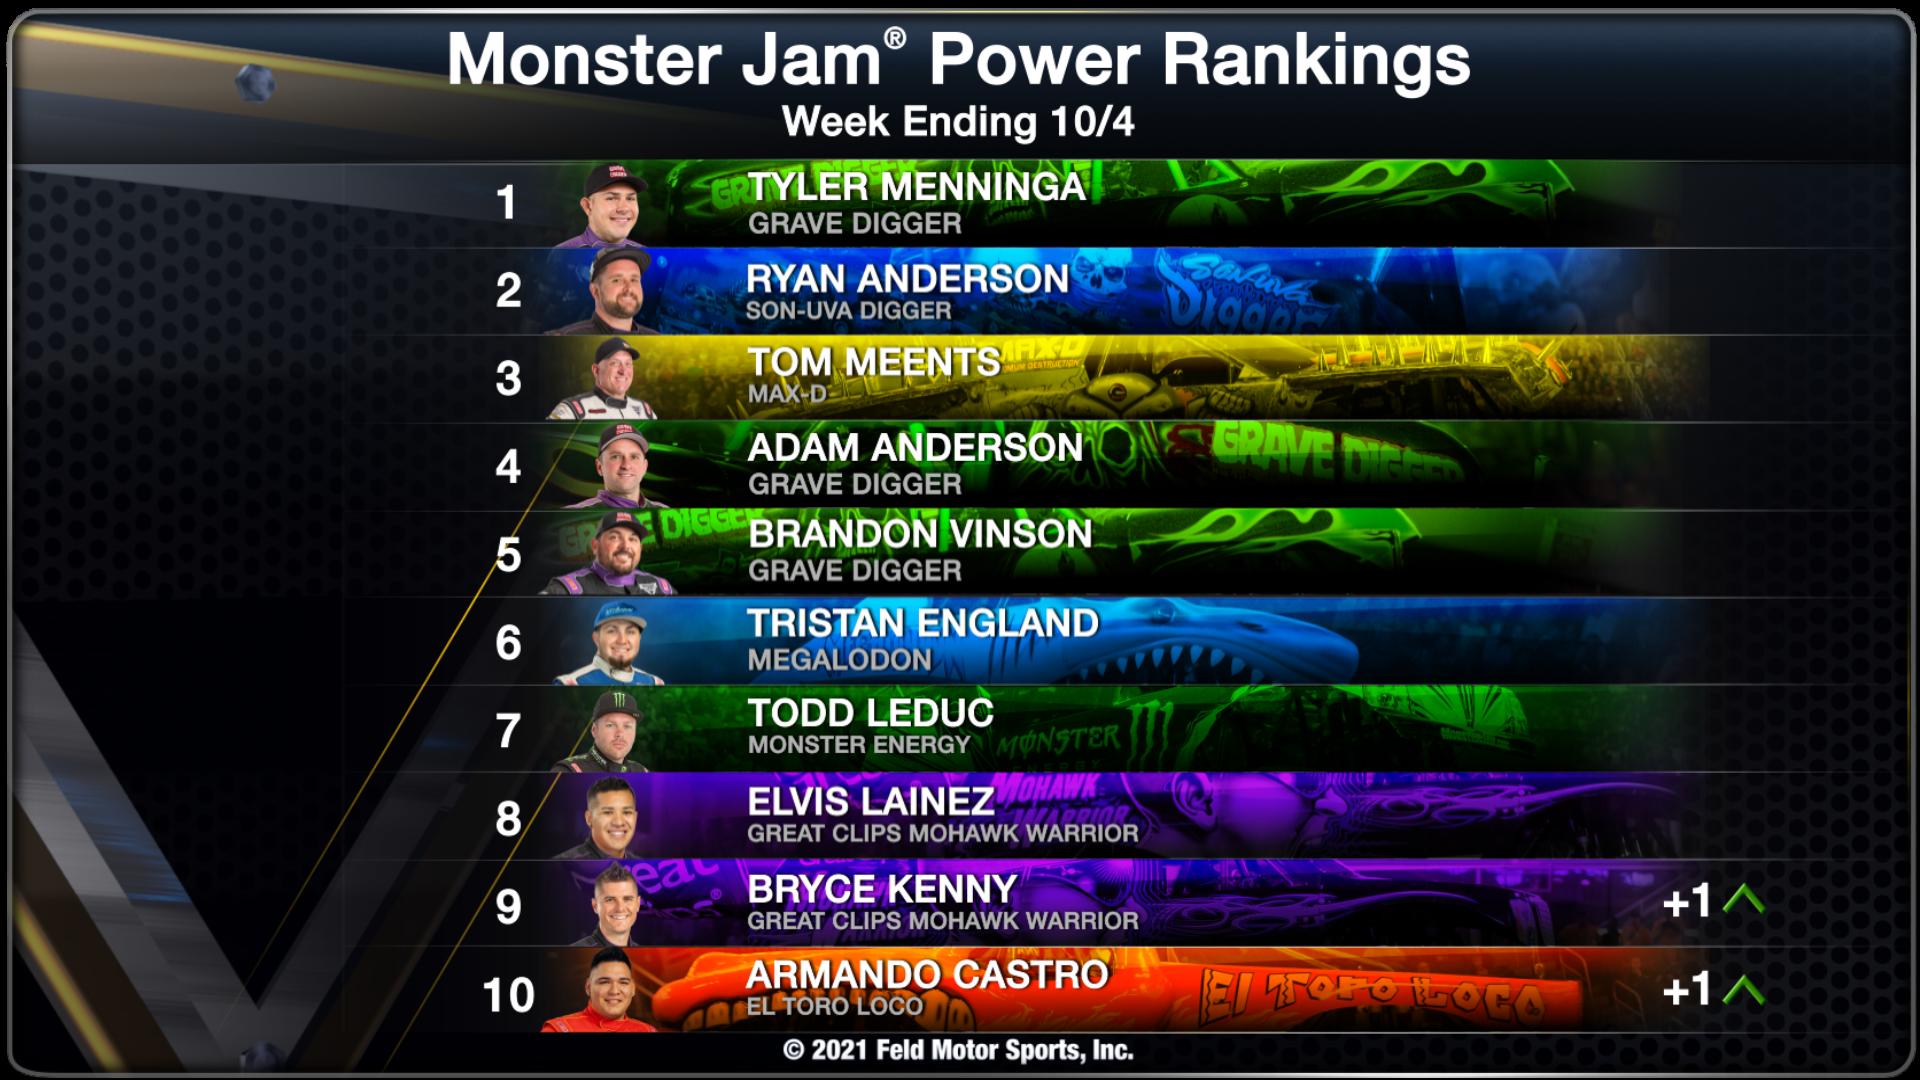 Power Rankings - Week Ending 10/4/2021